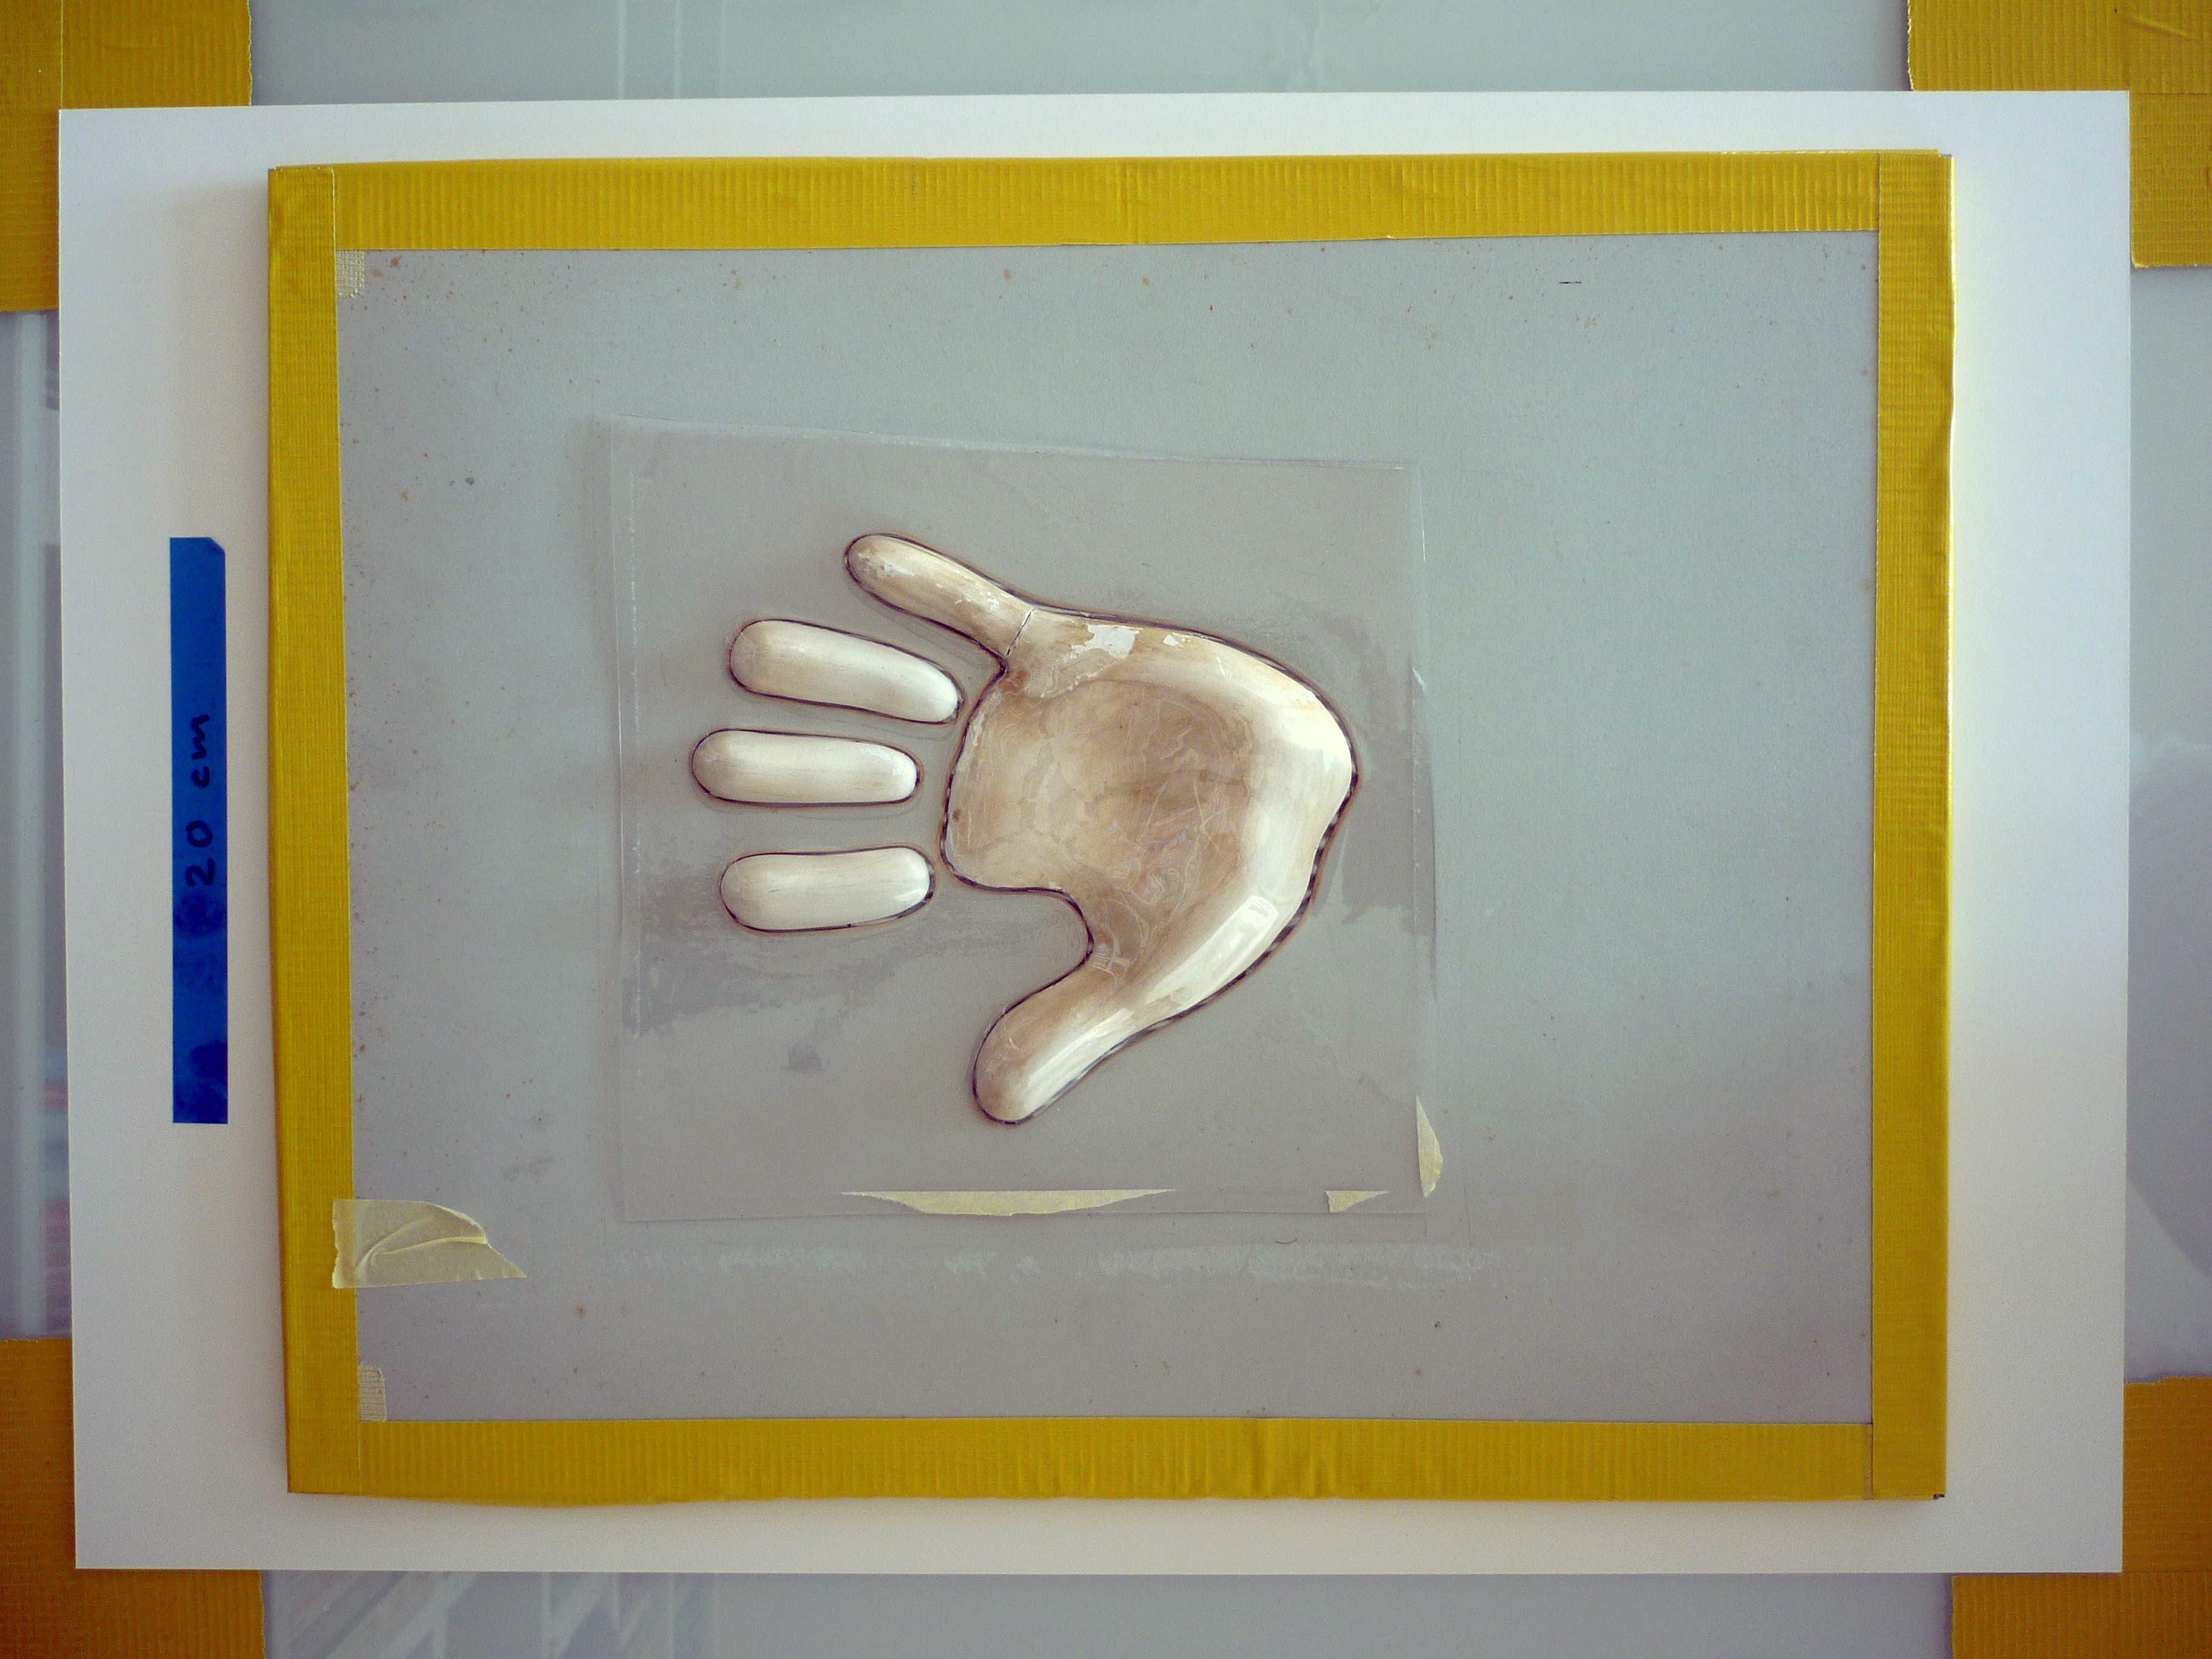 Die Gipshand als Ausgangspunkt für das Plakat von Ralph Schraivogel.